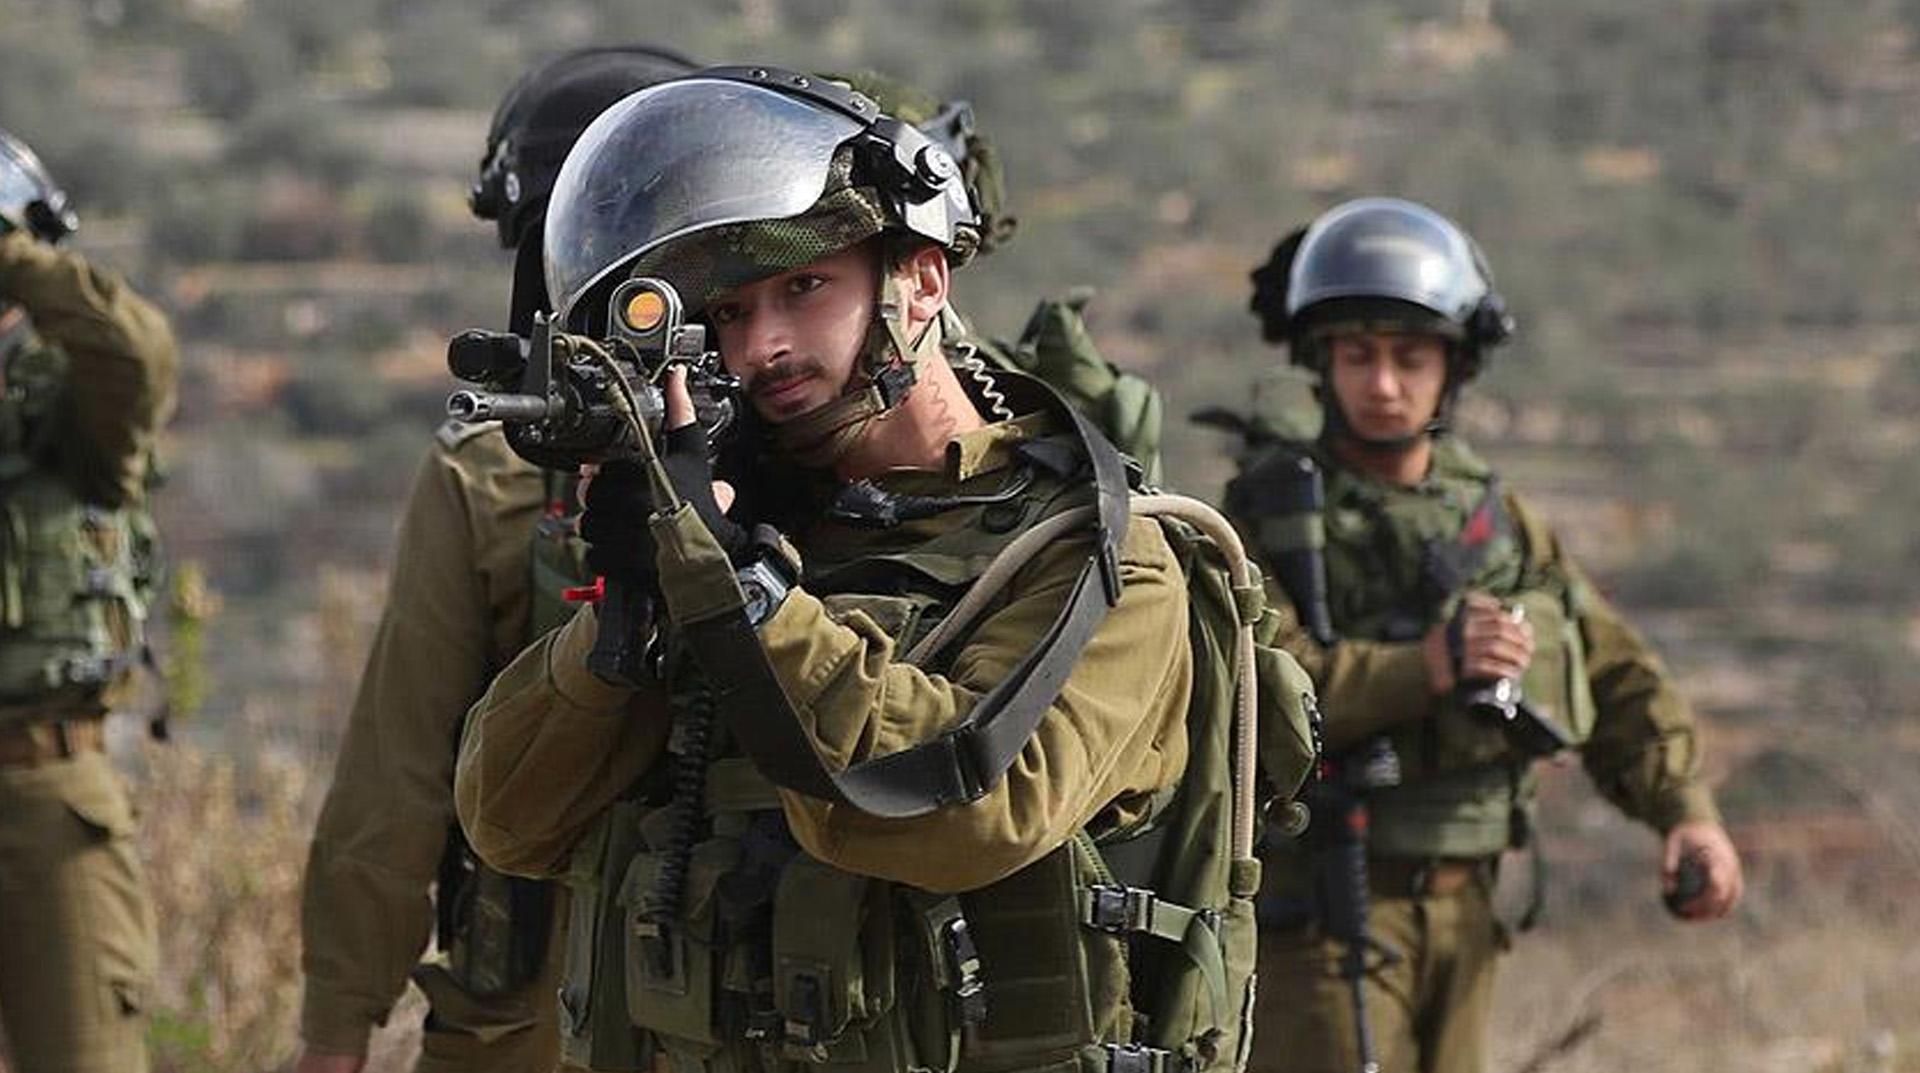 İşgal ordusu Gazze'de bir Filistinliyi yaraladı